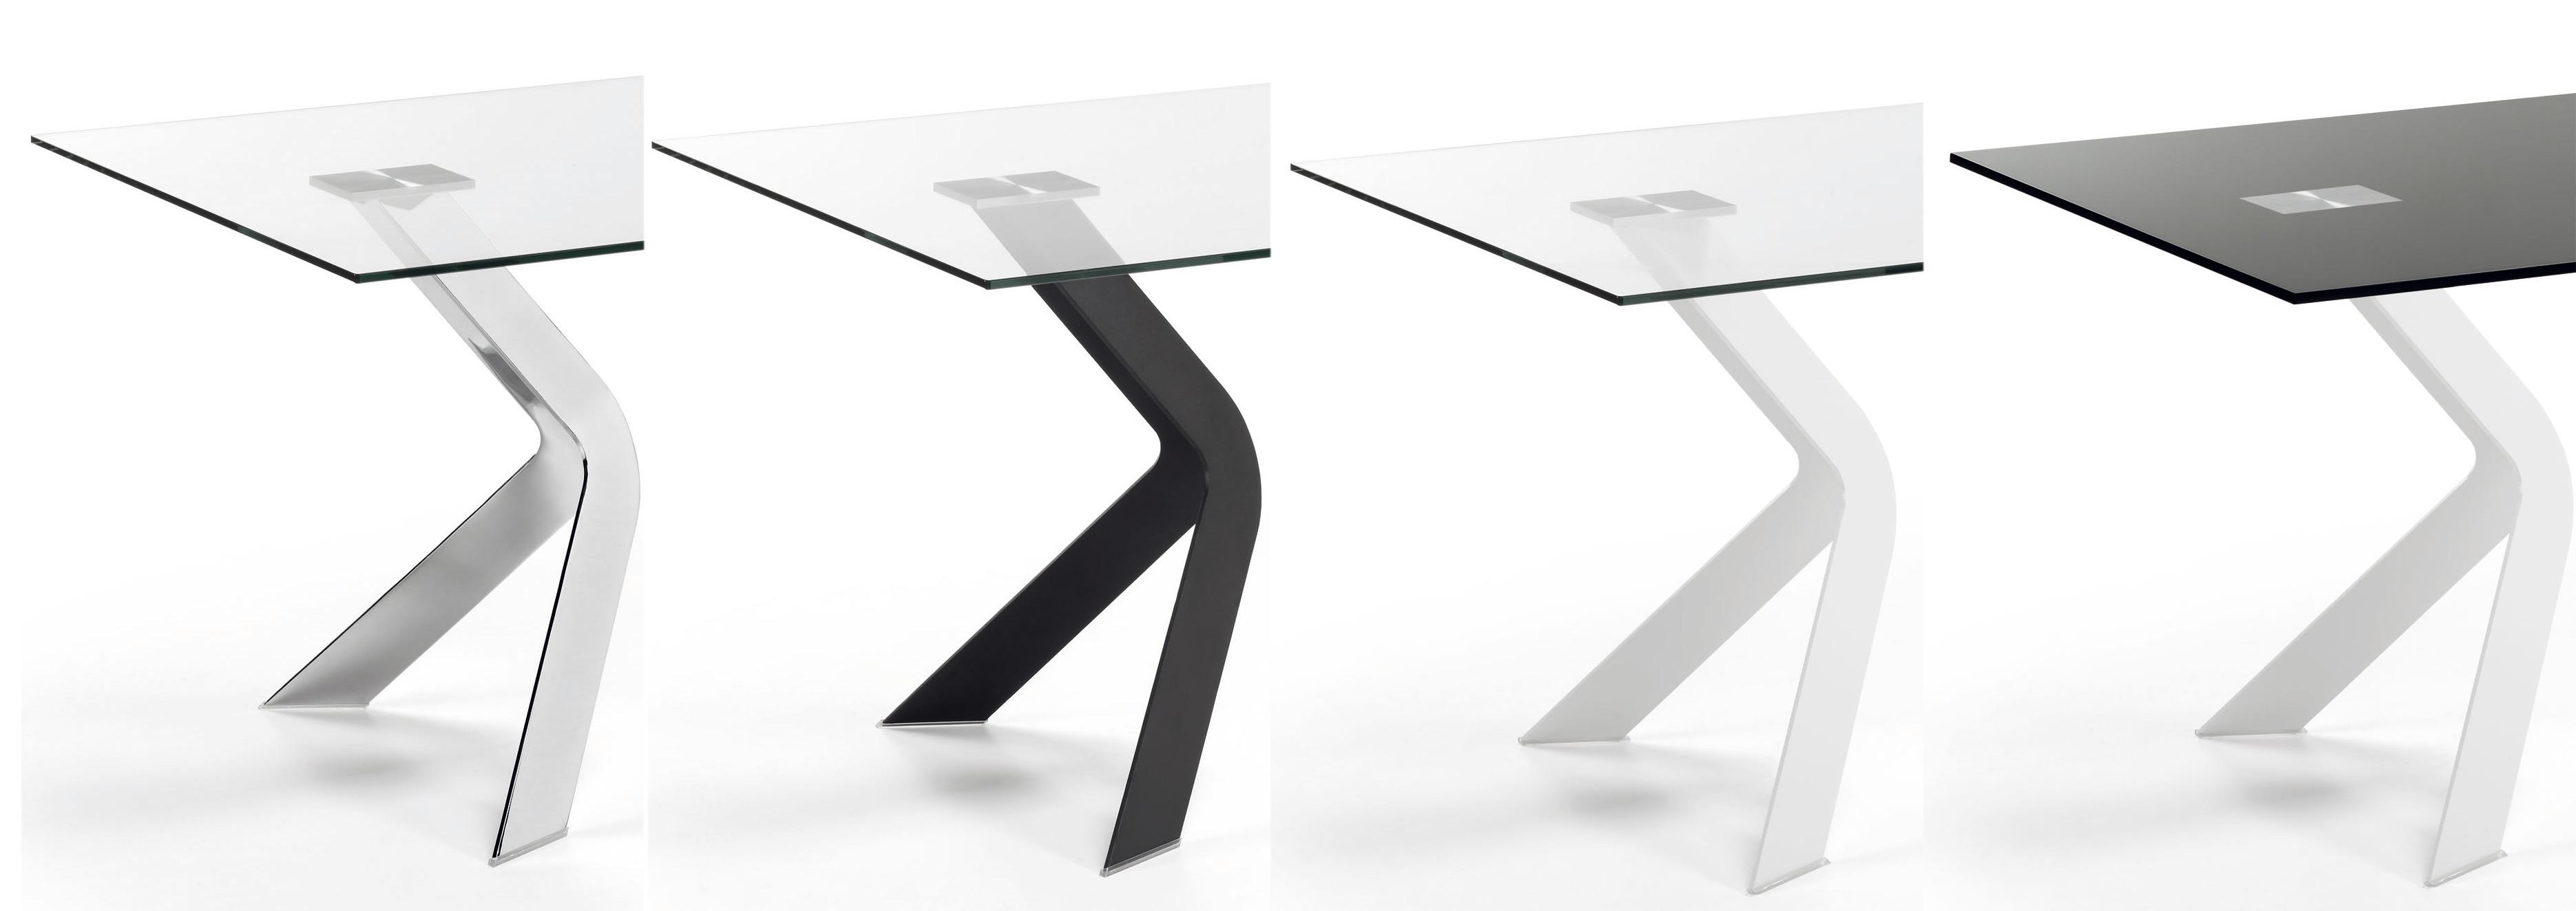 Mesa de dise o de cristal patas metalicas - Patas para comodas ...